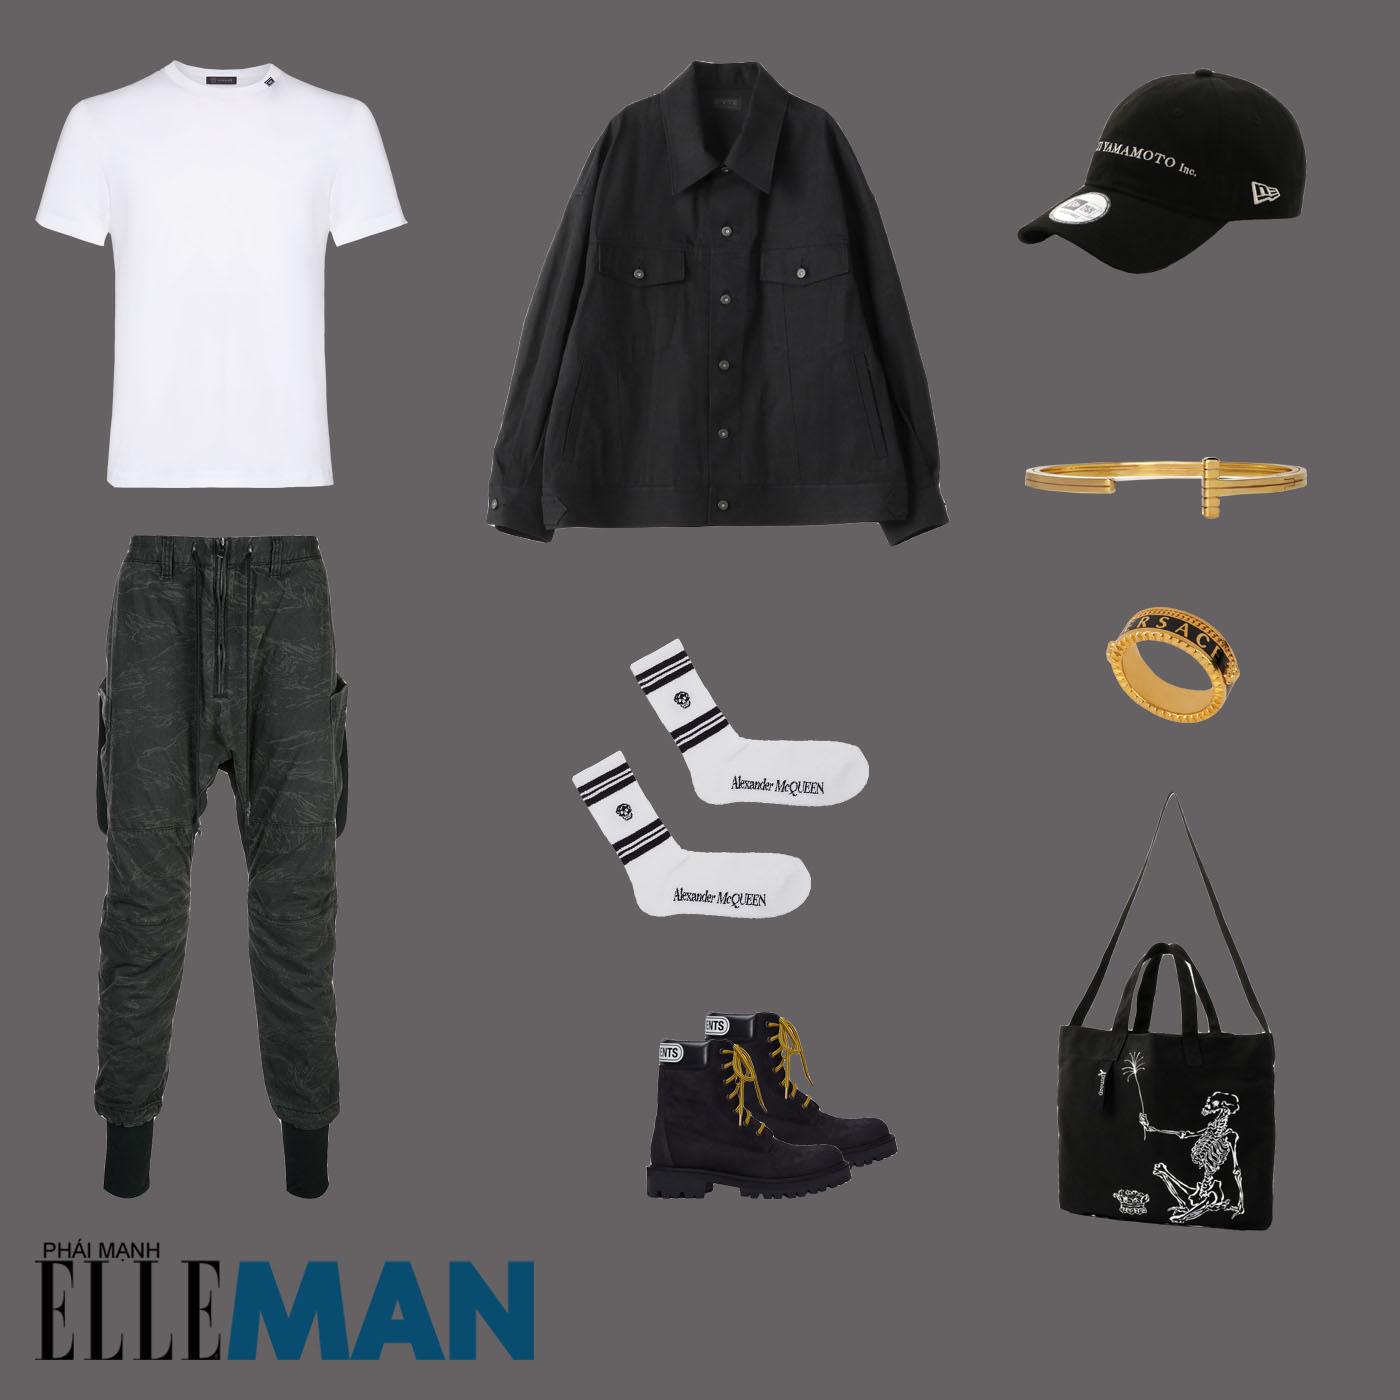 outfit 4 - phối đồ tông màu xanh lá